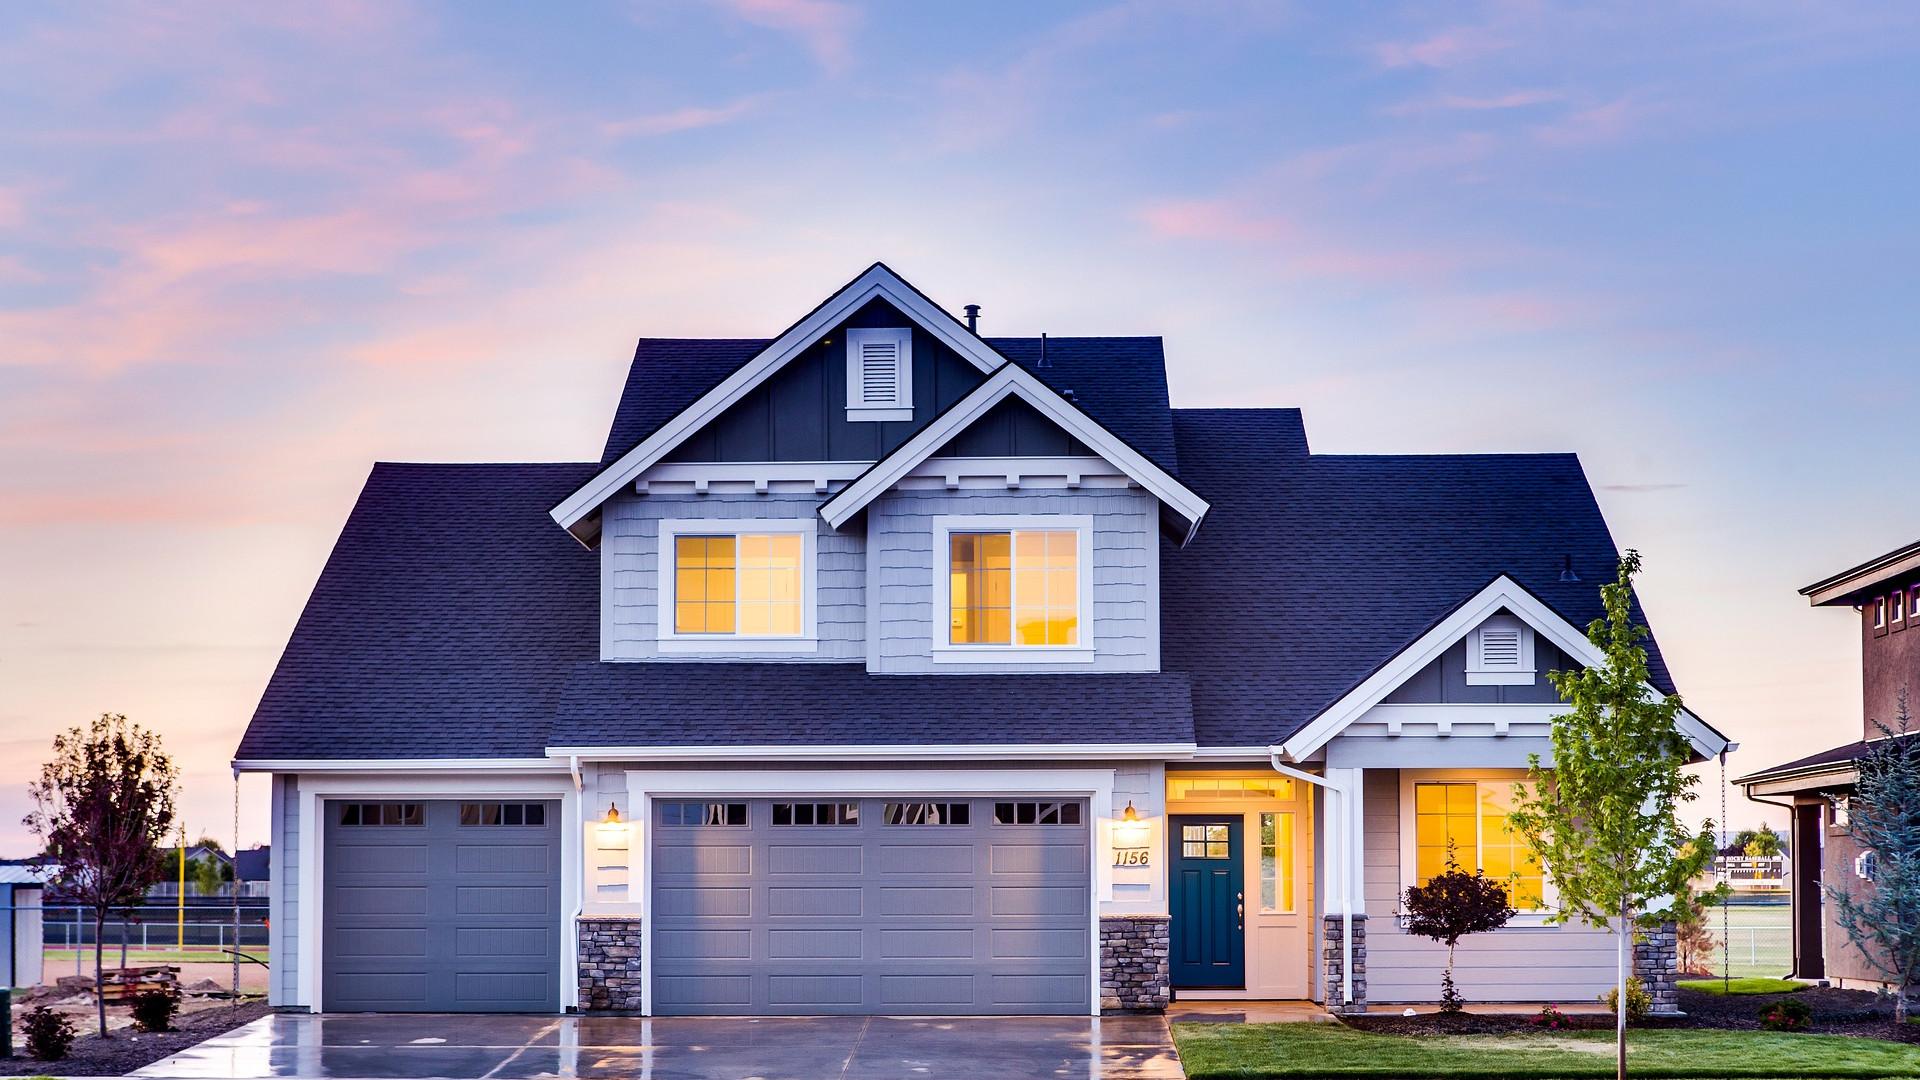 Faites appel à une application pour trouver le logement de vos rêves